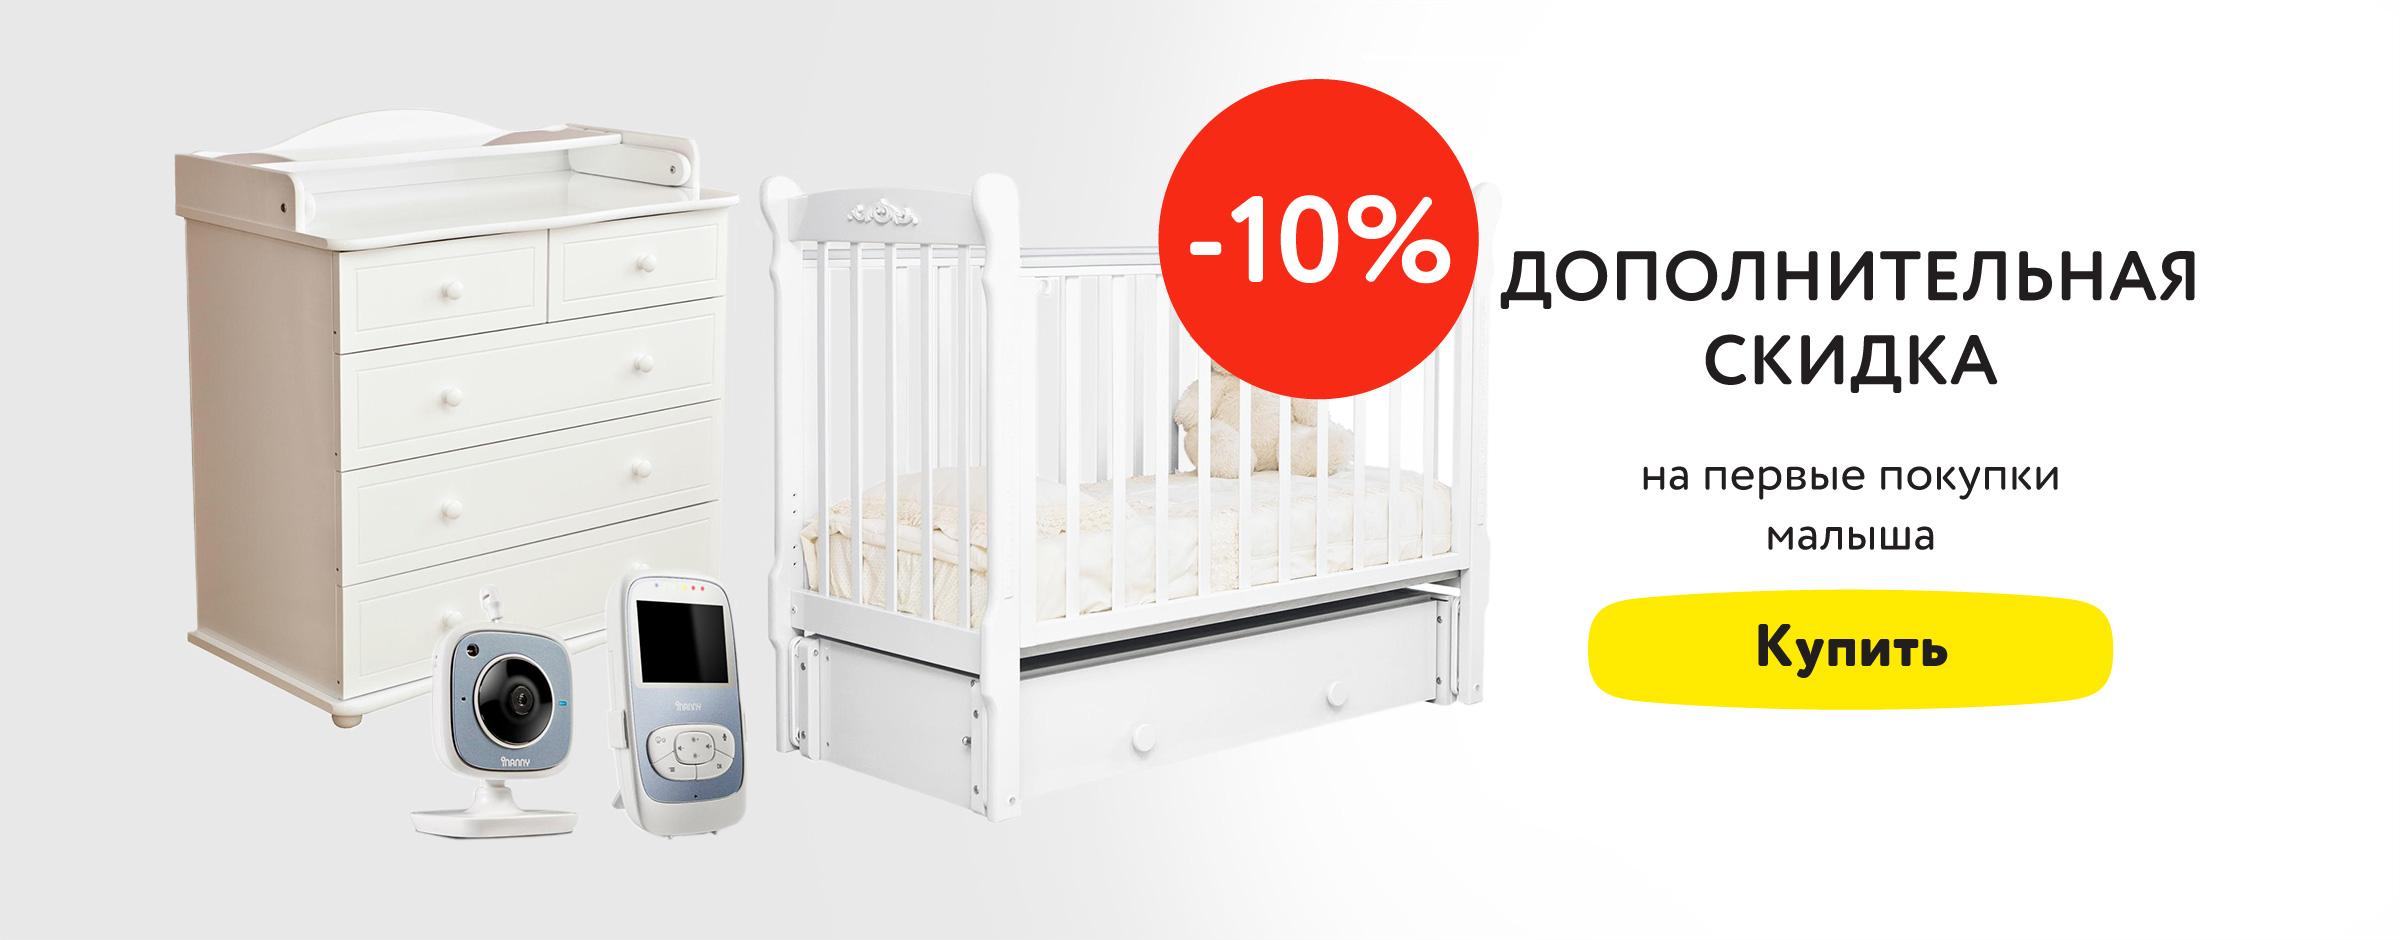 10% на первые покупки малыша